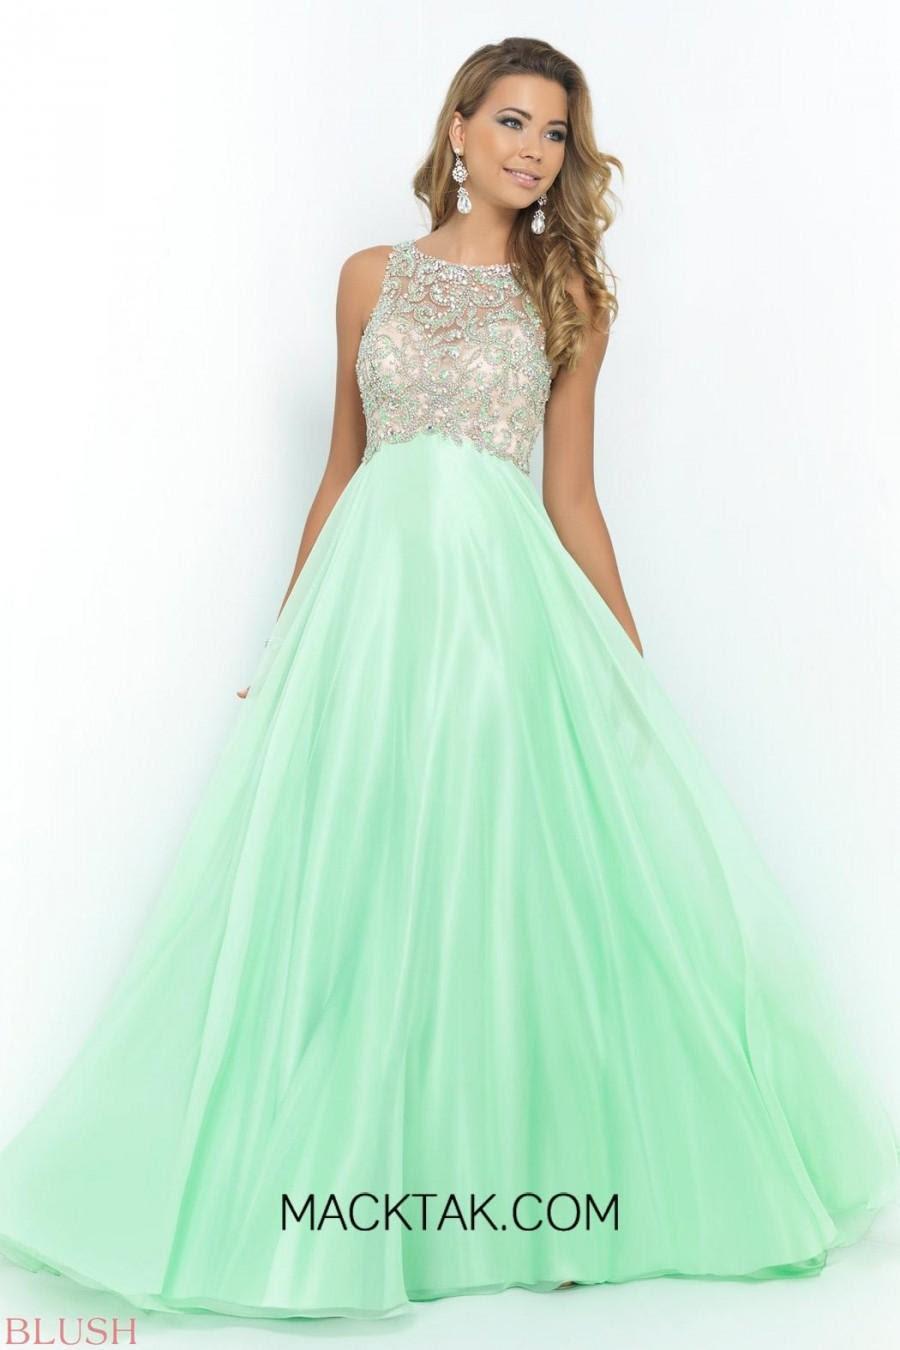 Formal evening dresses buy online